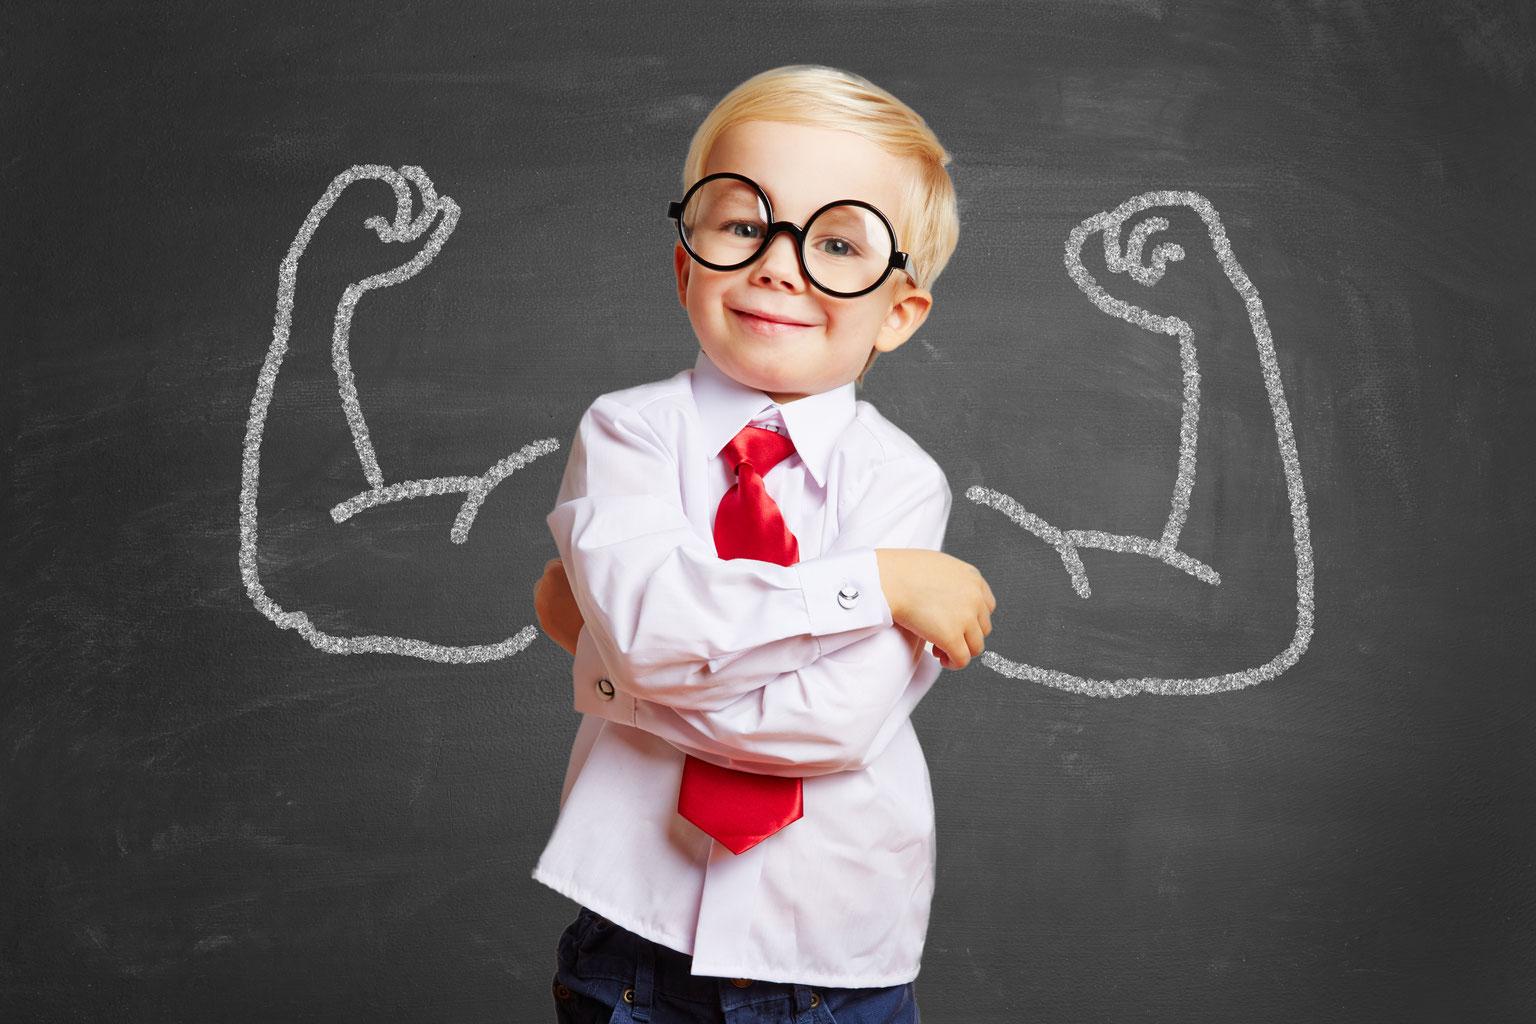 anti angst service techniken gegen angst lernen und angst uberwinden psychologische beratung anti angst coaching und service in solingen